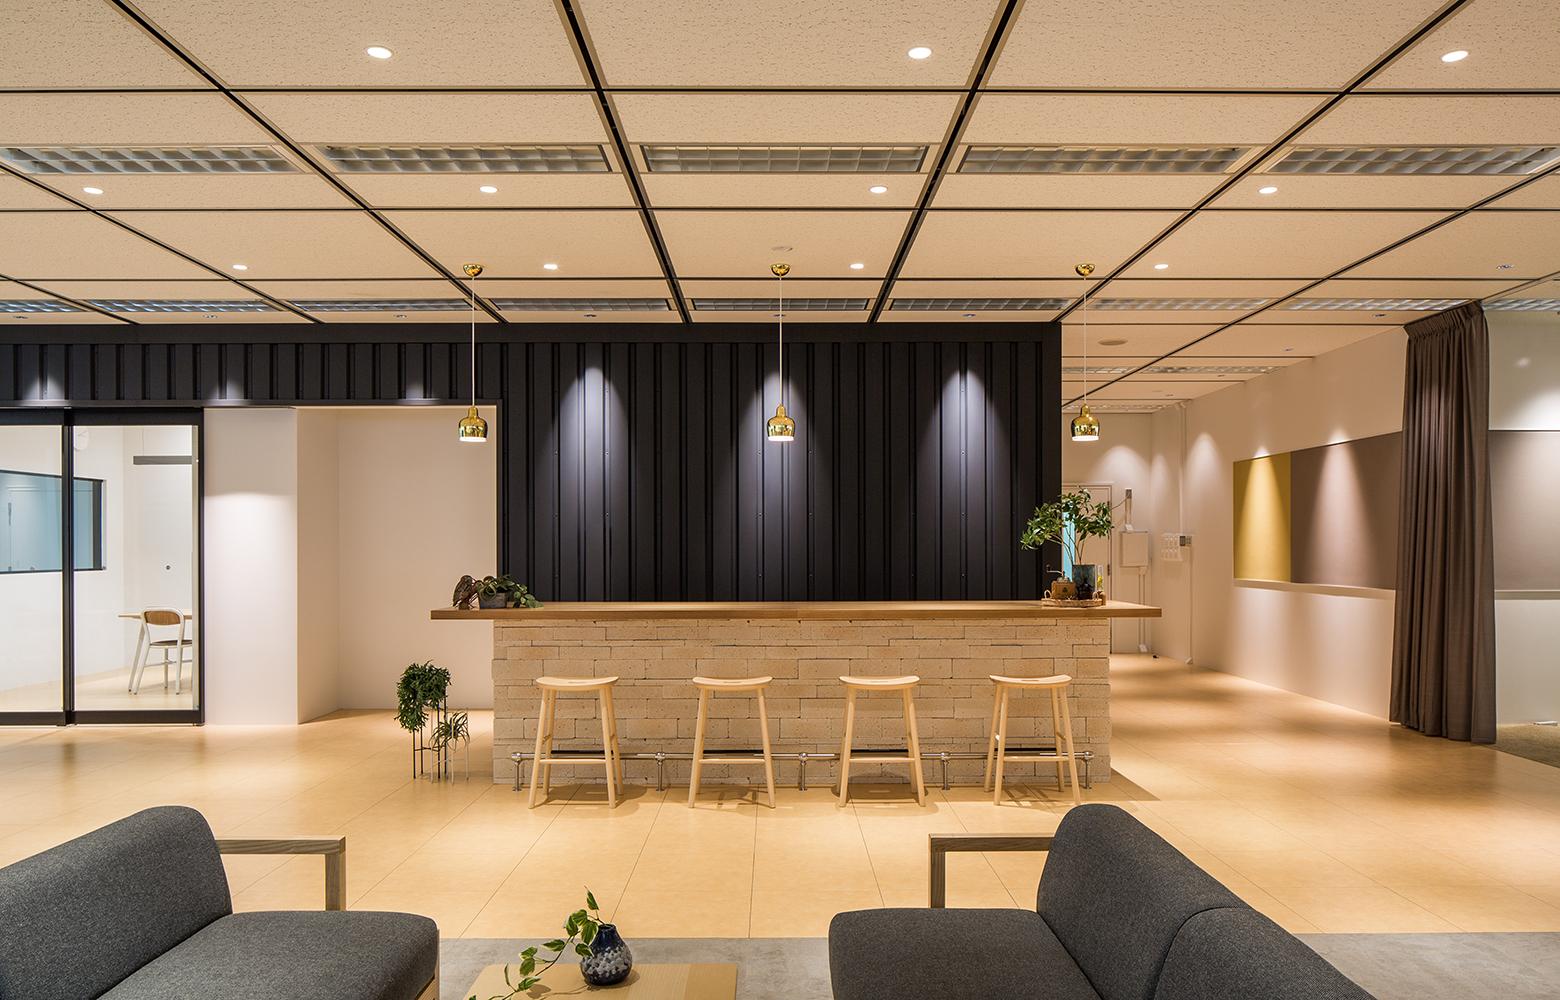 日本電信電話株式会社 横須賀研究開発センタ Counter デザイン・レイアウト事例